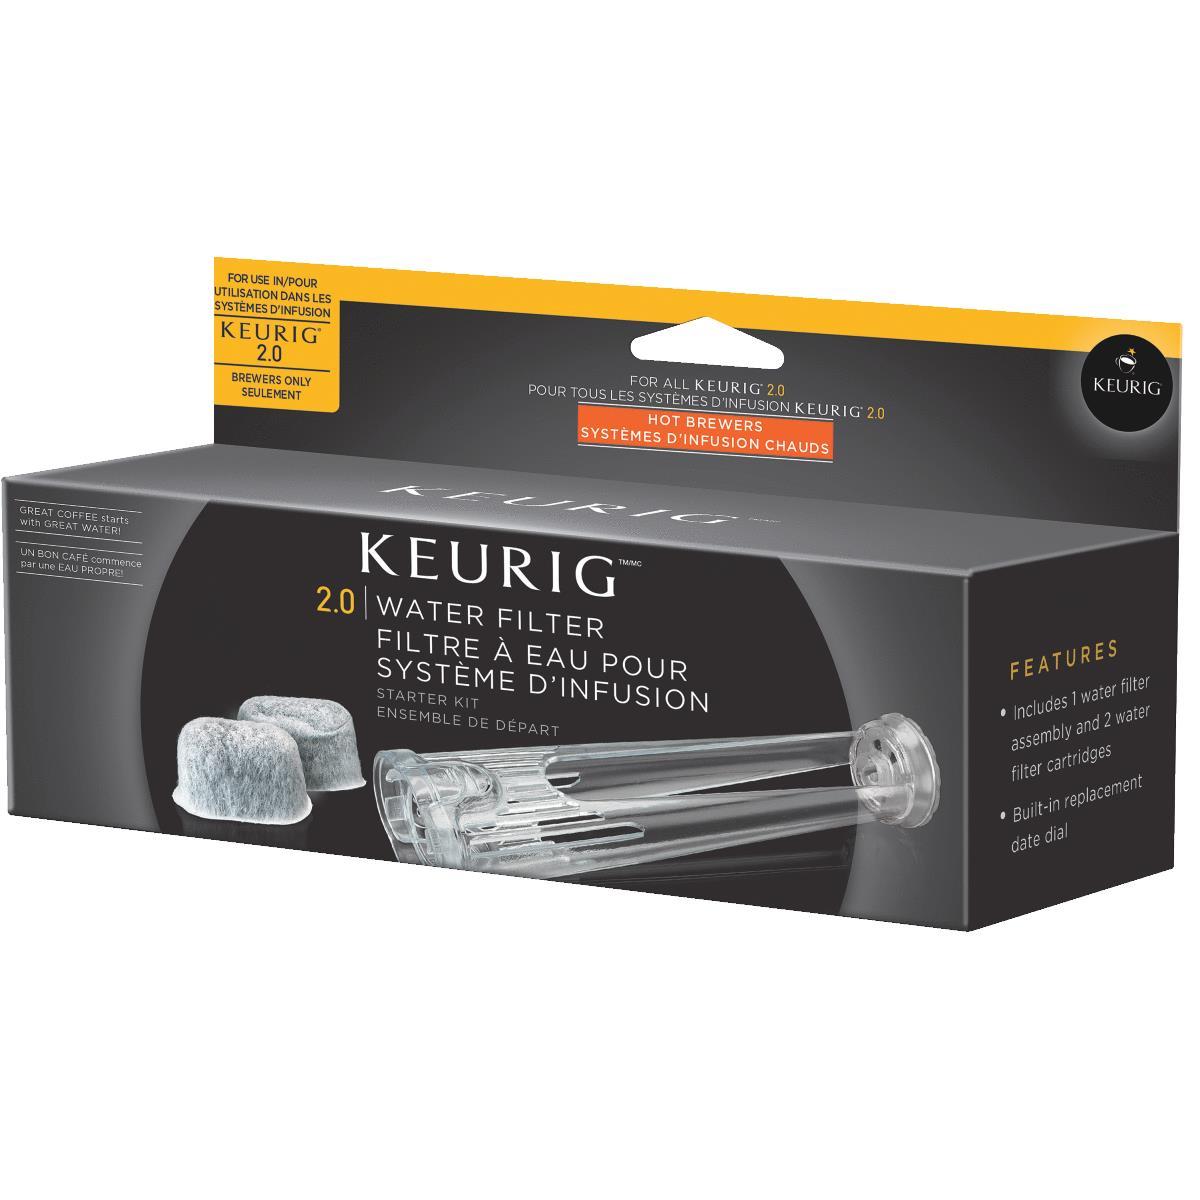 Buy Keurig 2.0 Water Filter Starter Kit